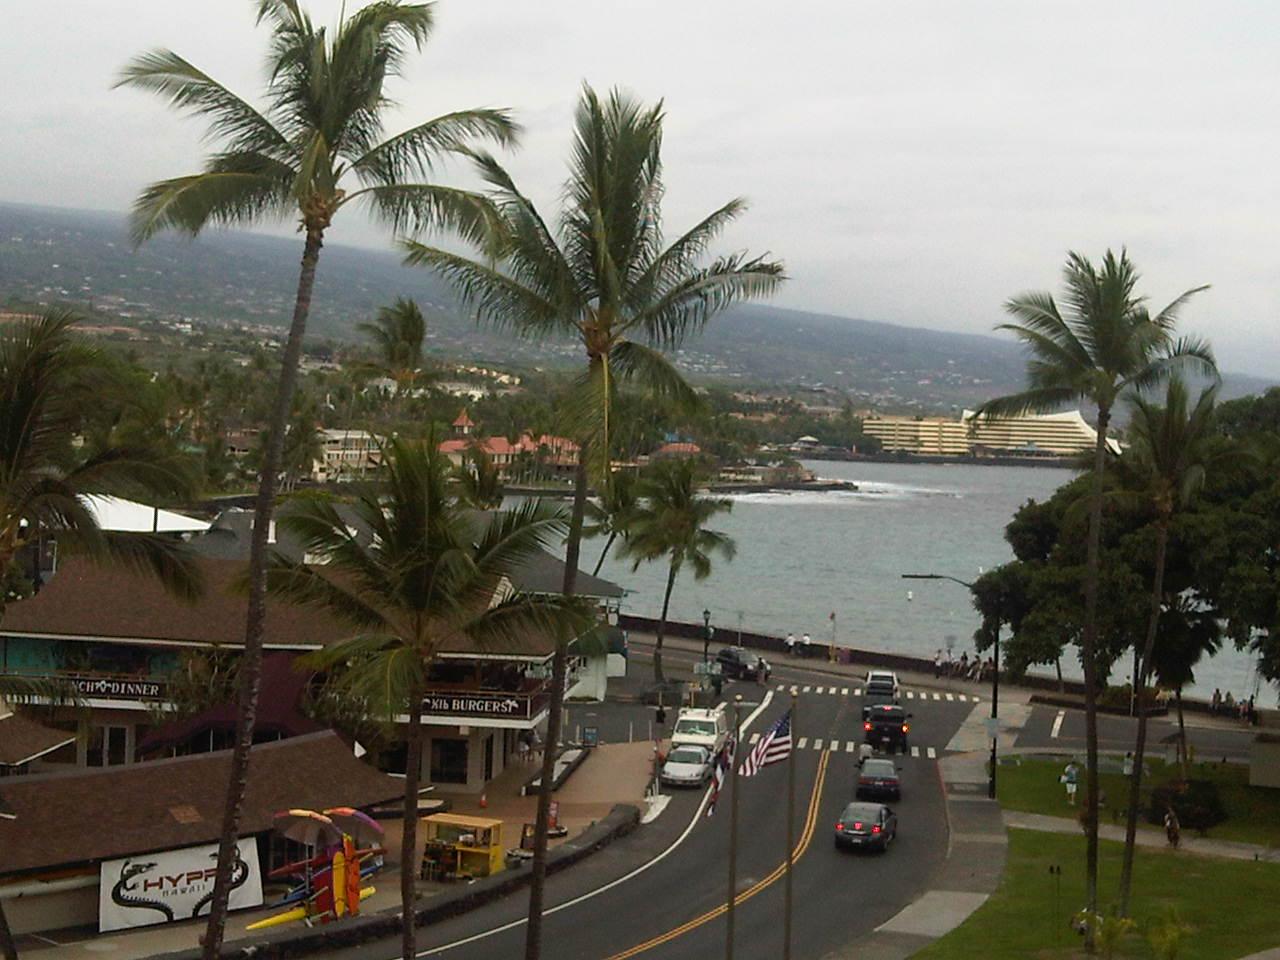 Hotels Kailua Beach Oahu